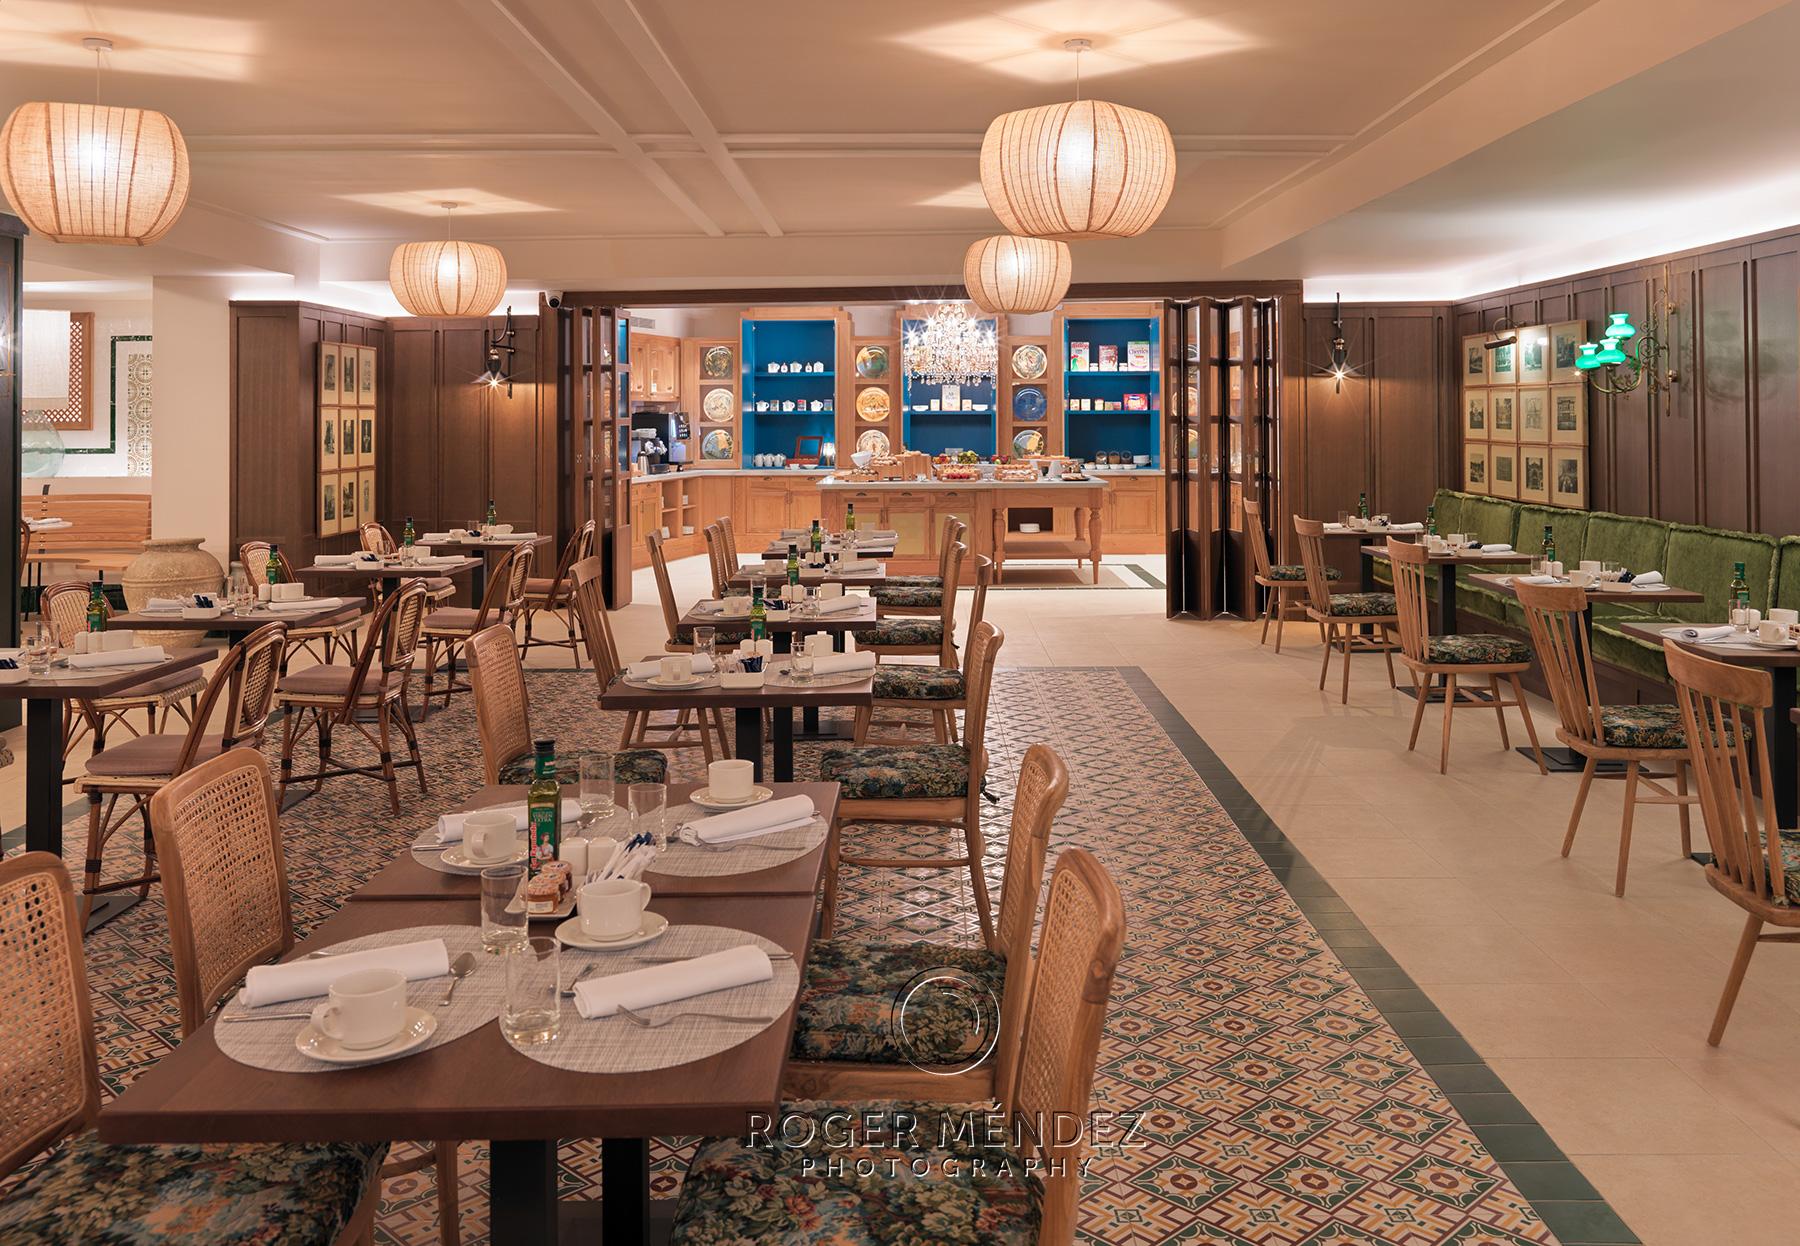 Vista general de comedor de restaurante Magallanes. Montaje desayuno